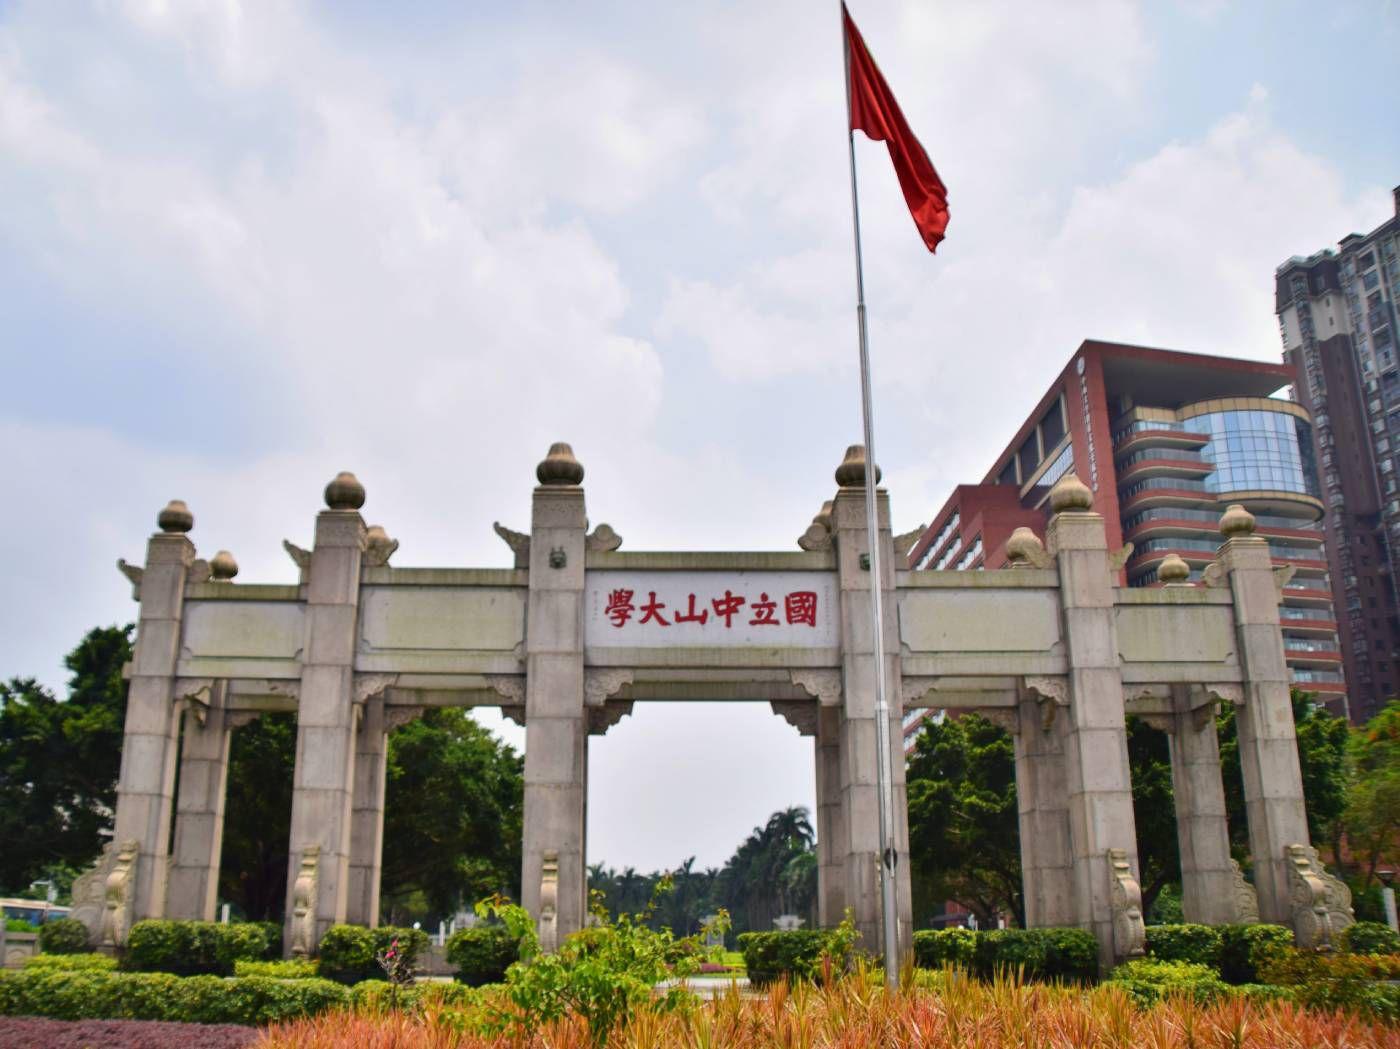 La photographie d'une ville chinoise où flotte un drapeau du pays.